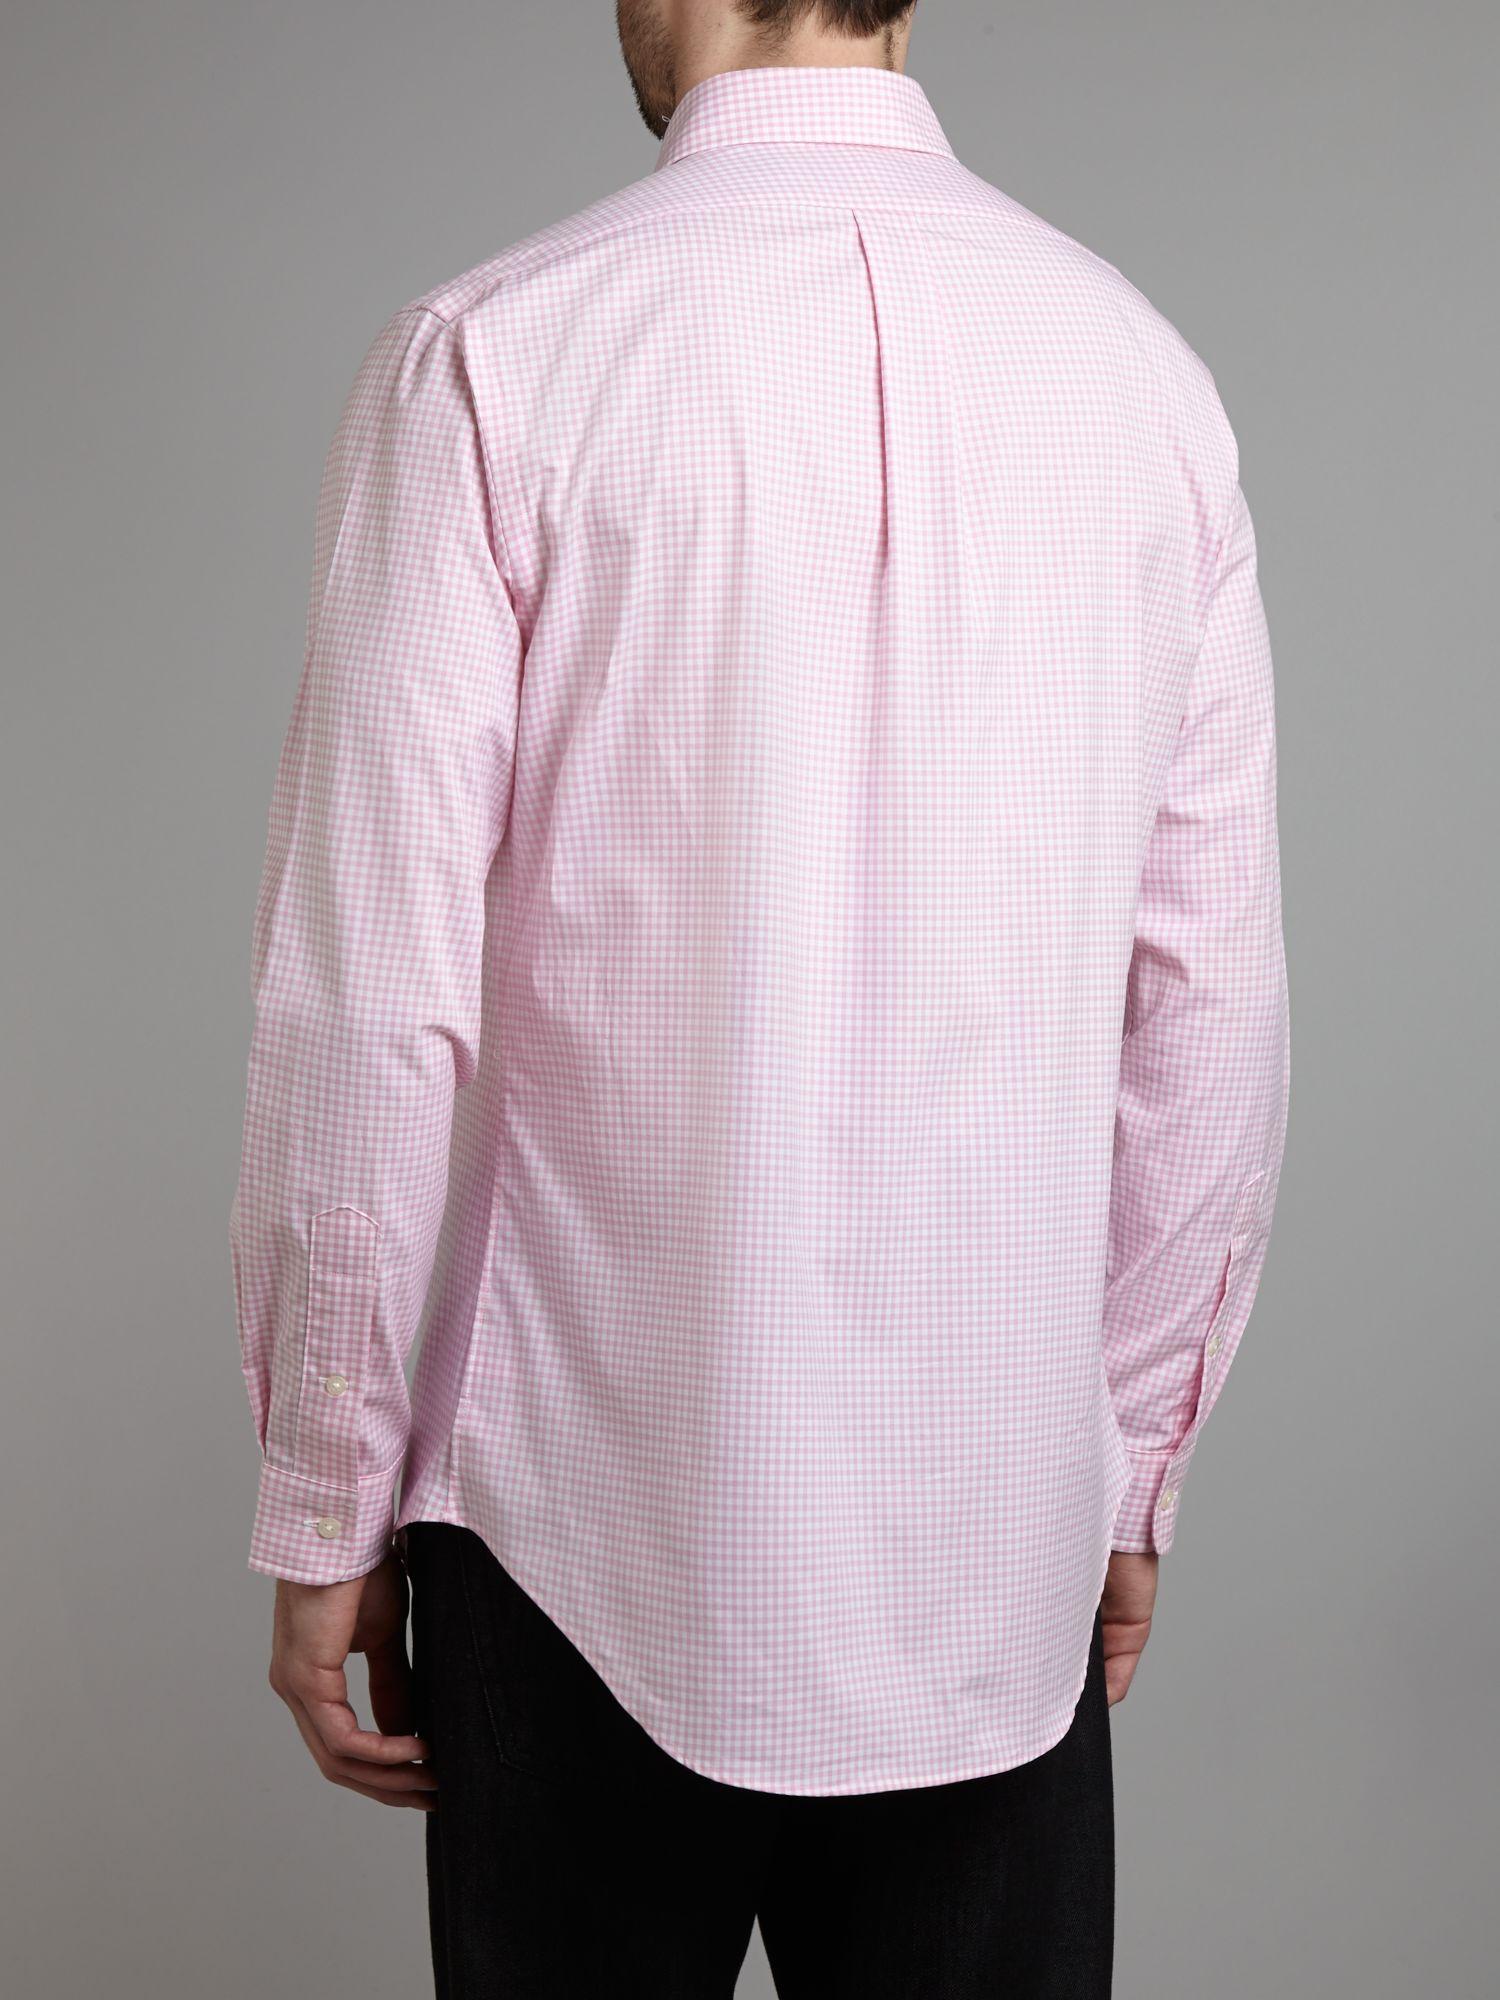 Ralph lauren golf gingham check long sleeve shirt in pink for Mens pink long sleeve shirt